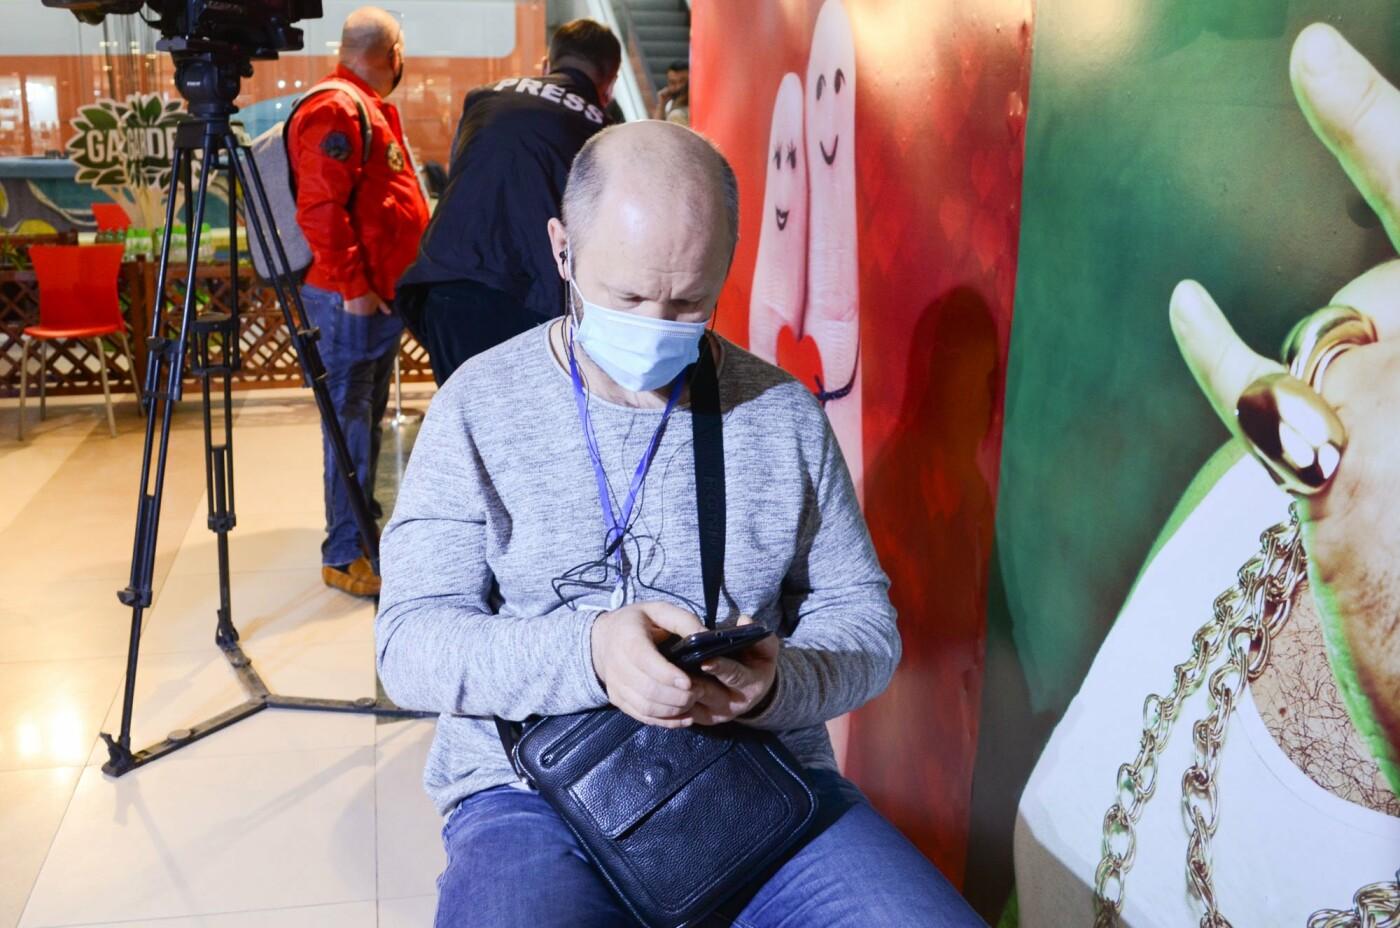 Как в ТРЦ Алматы проходит массовая вакцинация казахстанской вакциной QazVac, фото-13